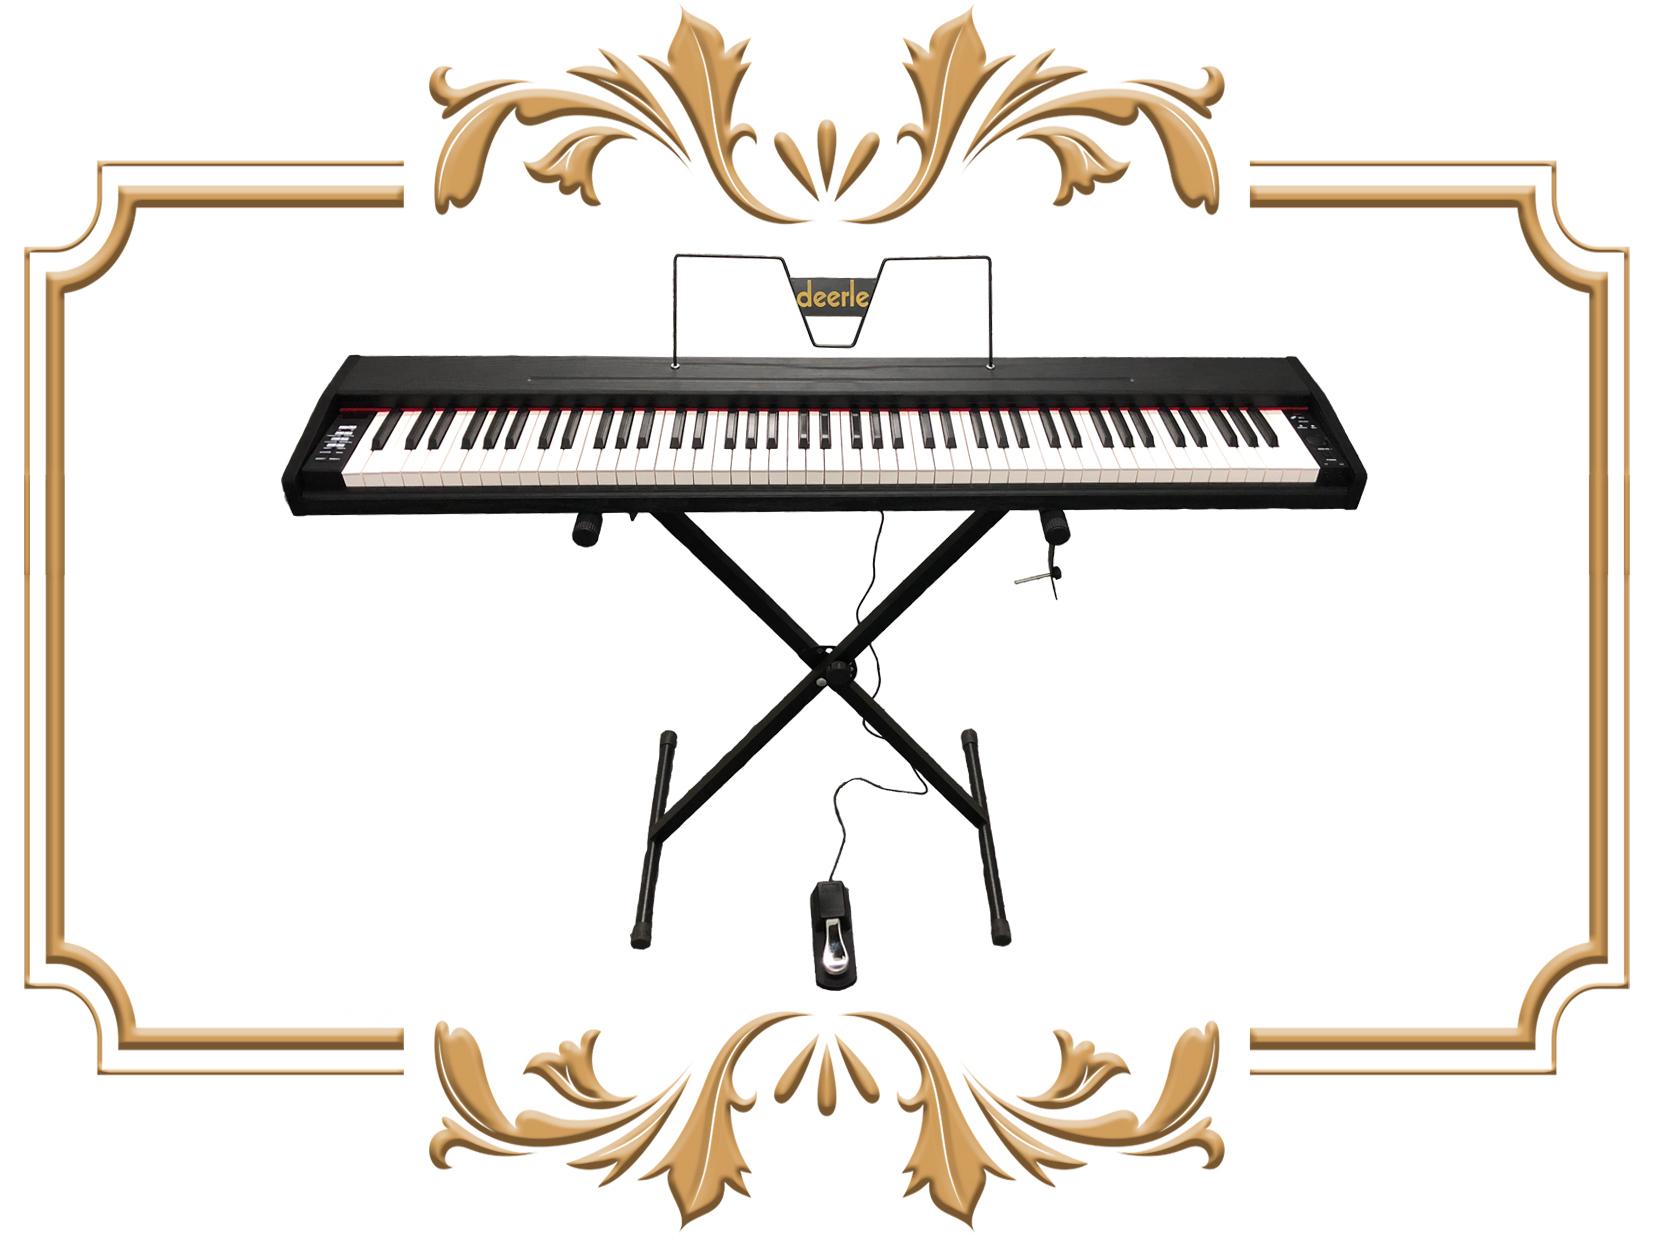 電鋼琴選購指南-雅美哈電鋼琴